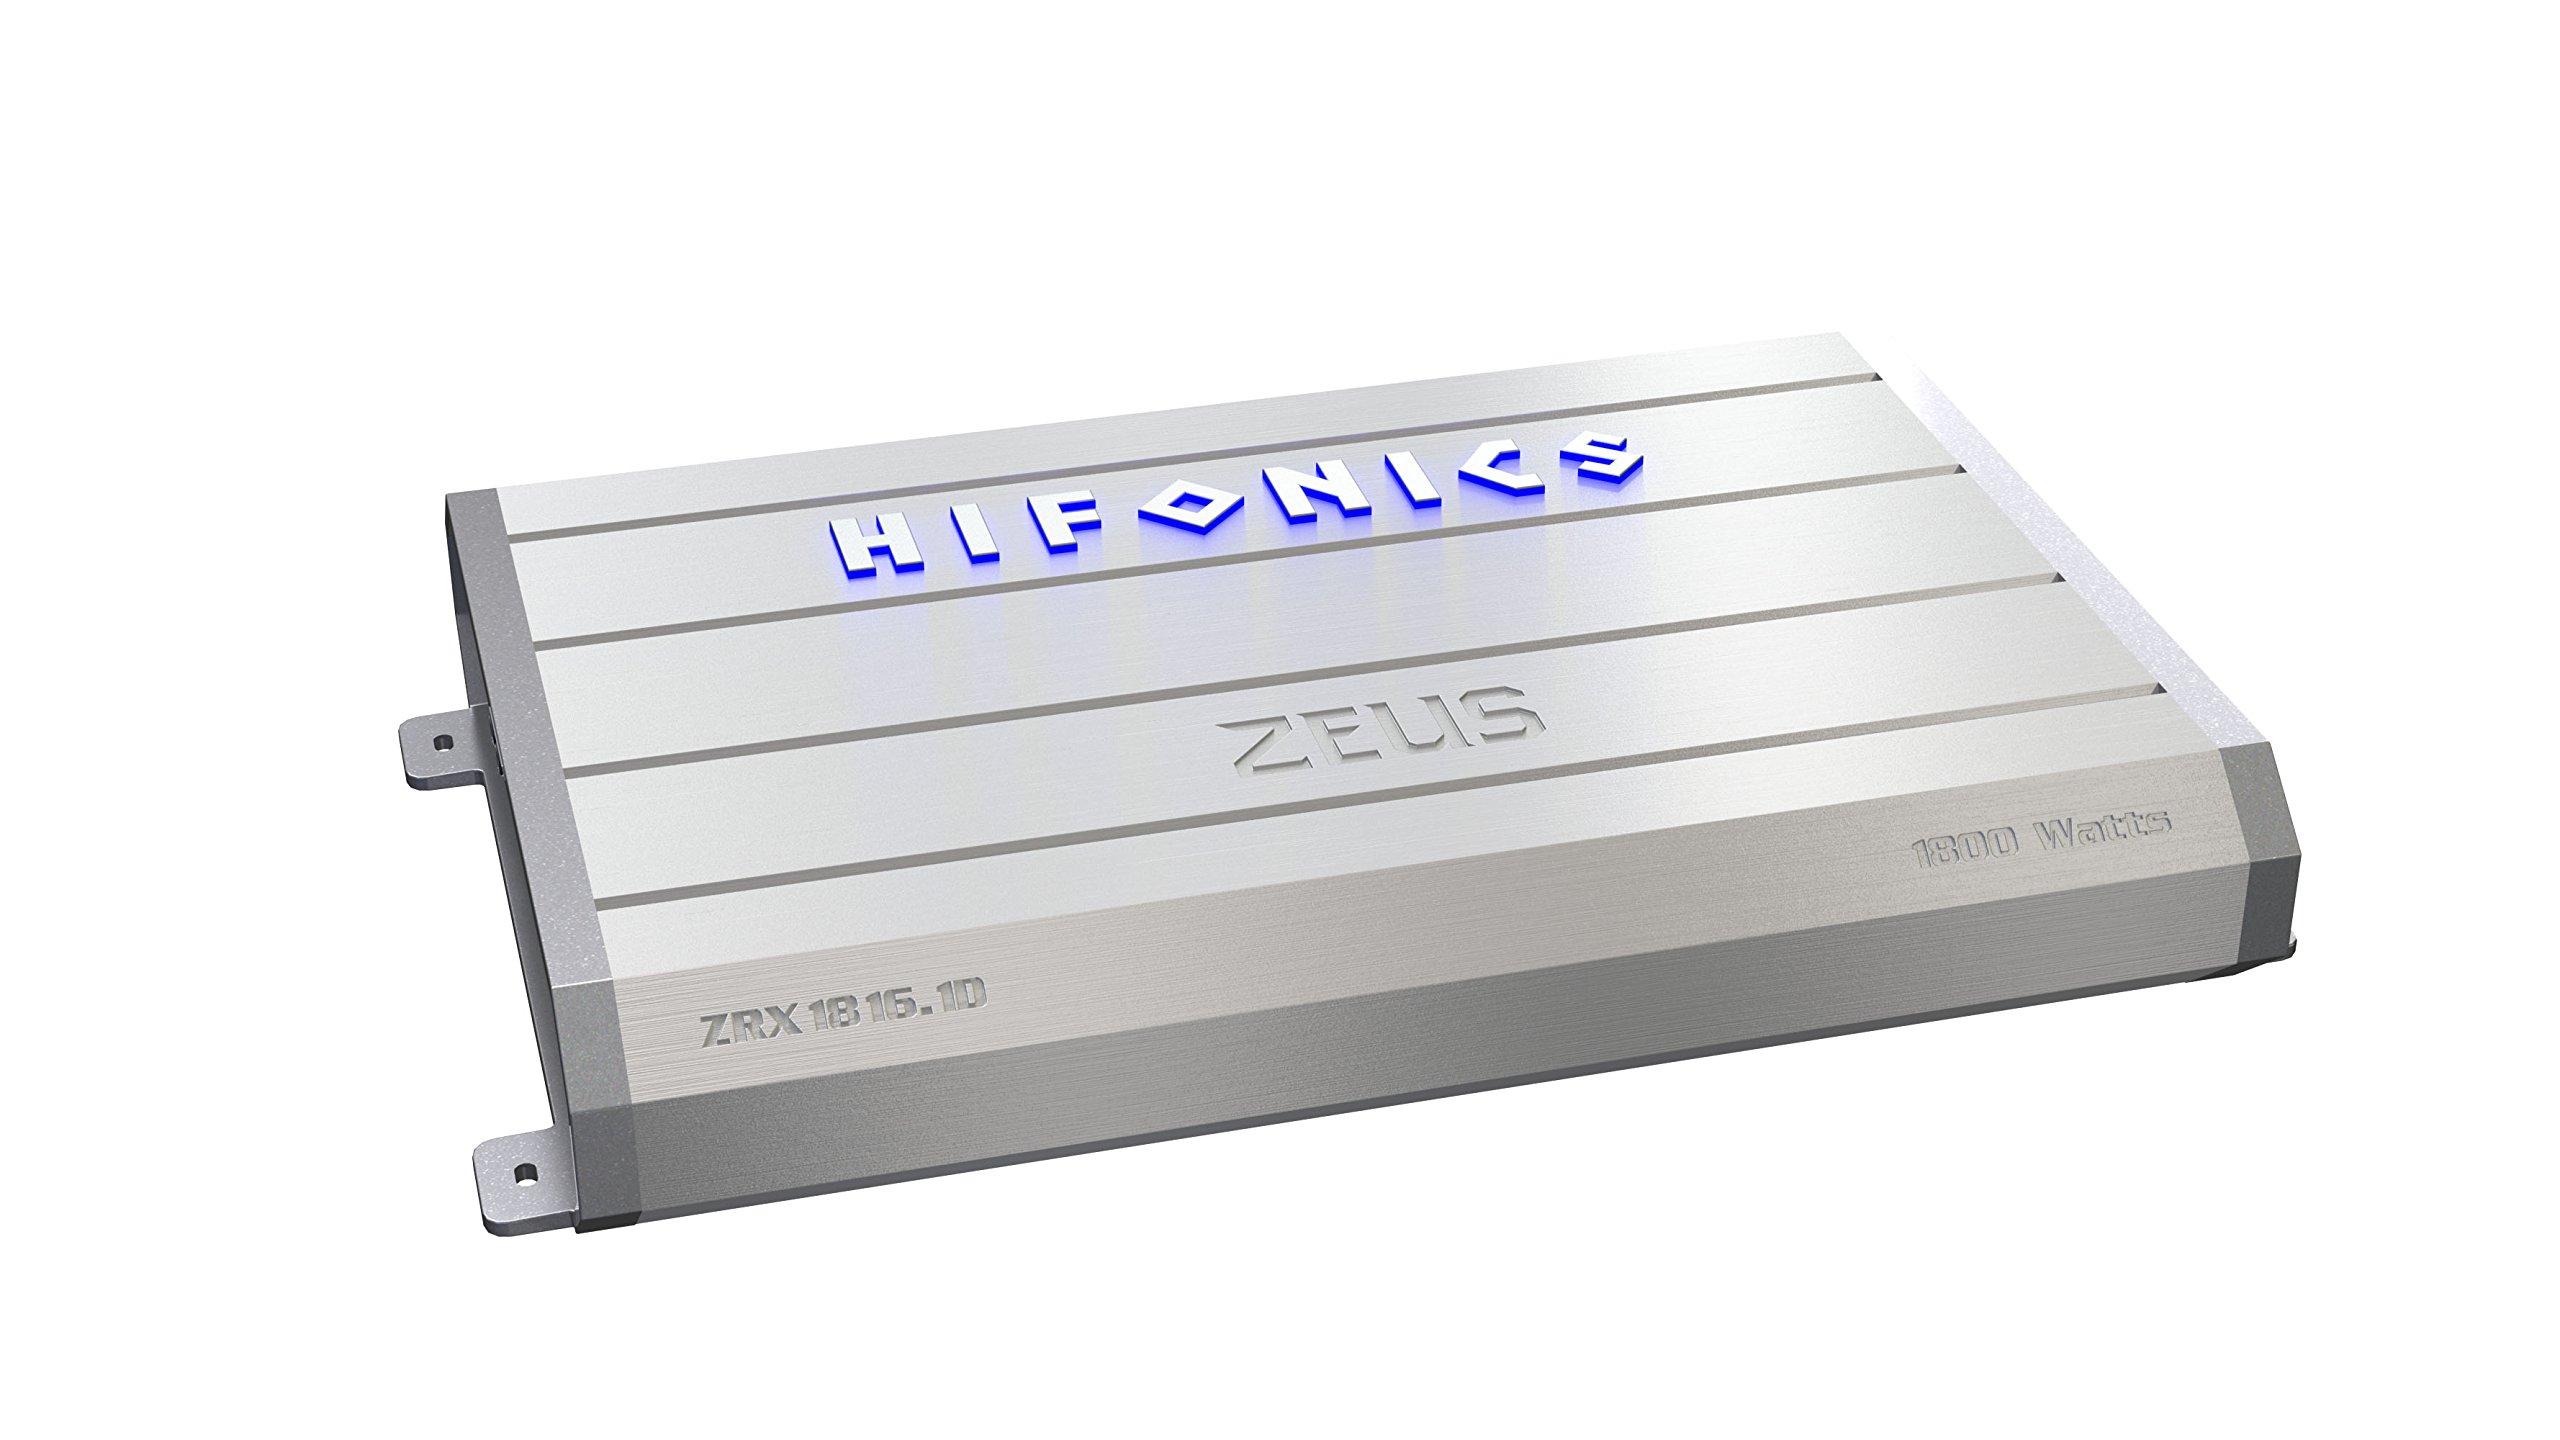 Hifonics ZRX1816.1D Zeus Mono Class-D Subwoofer Amplifier, 1800-Watt